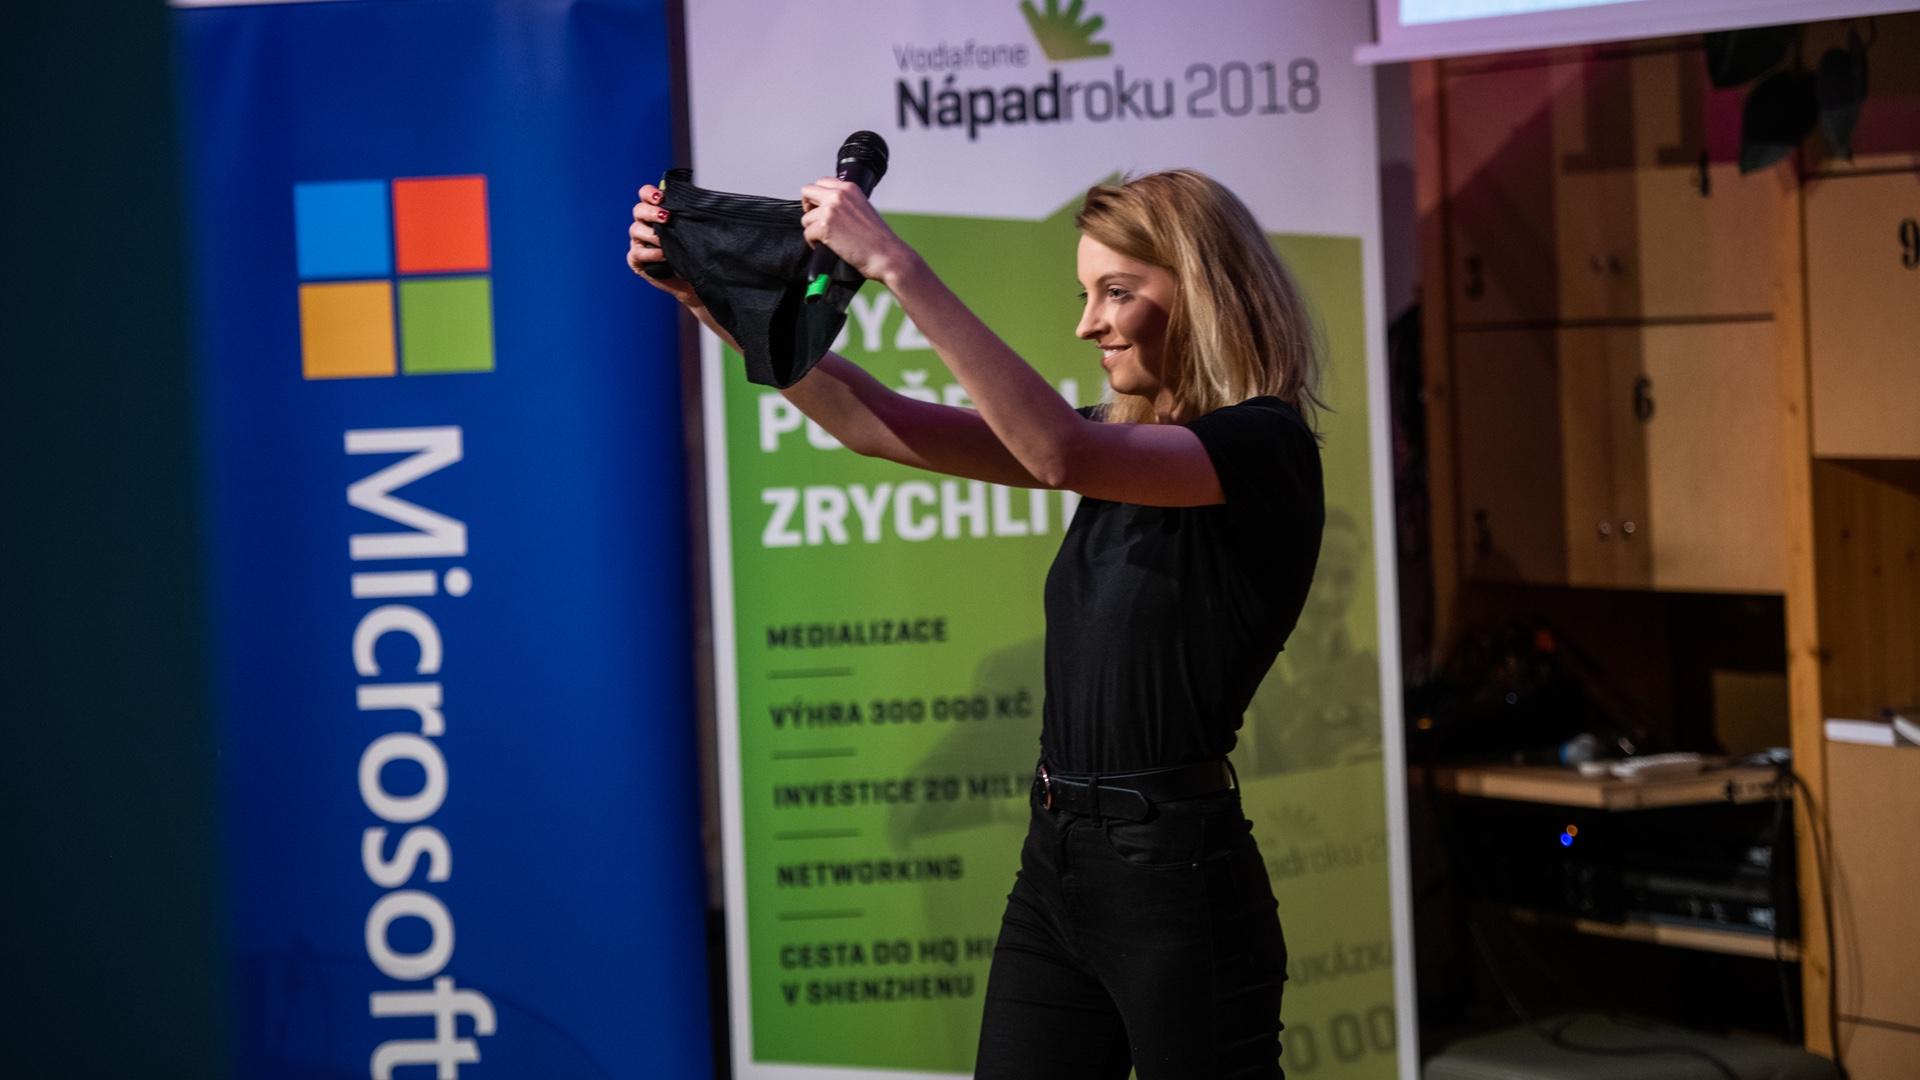 Linda Šejdová ze startupu Snuggs